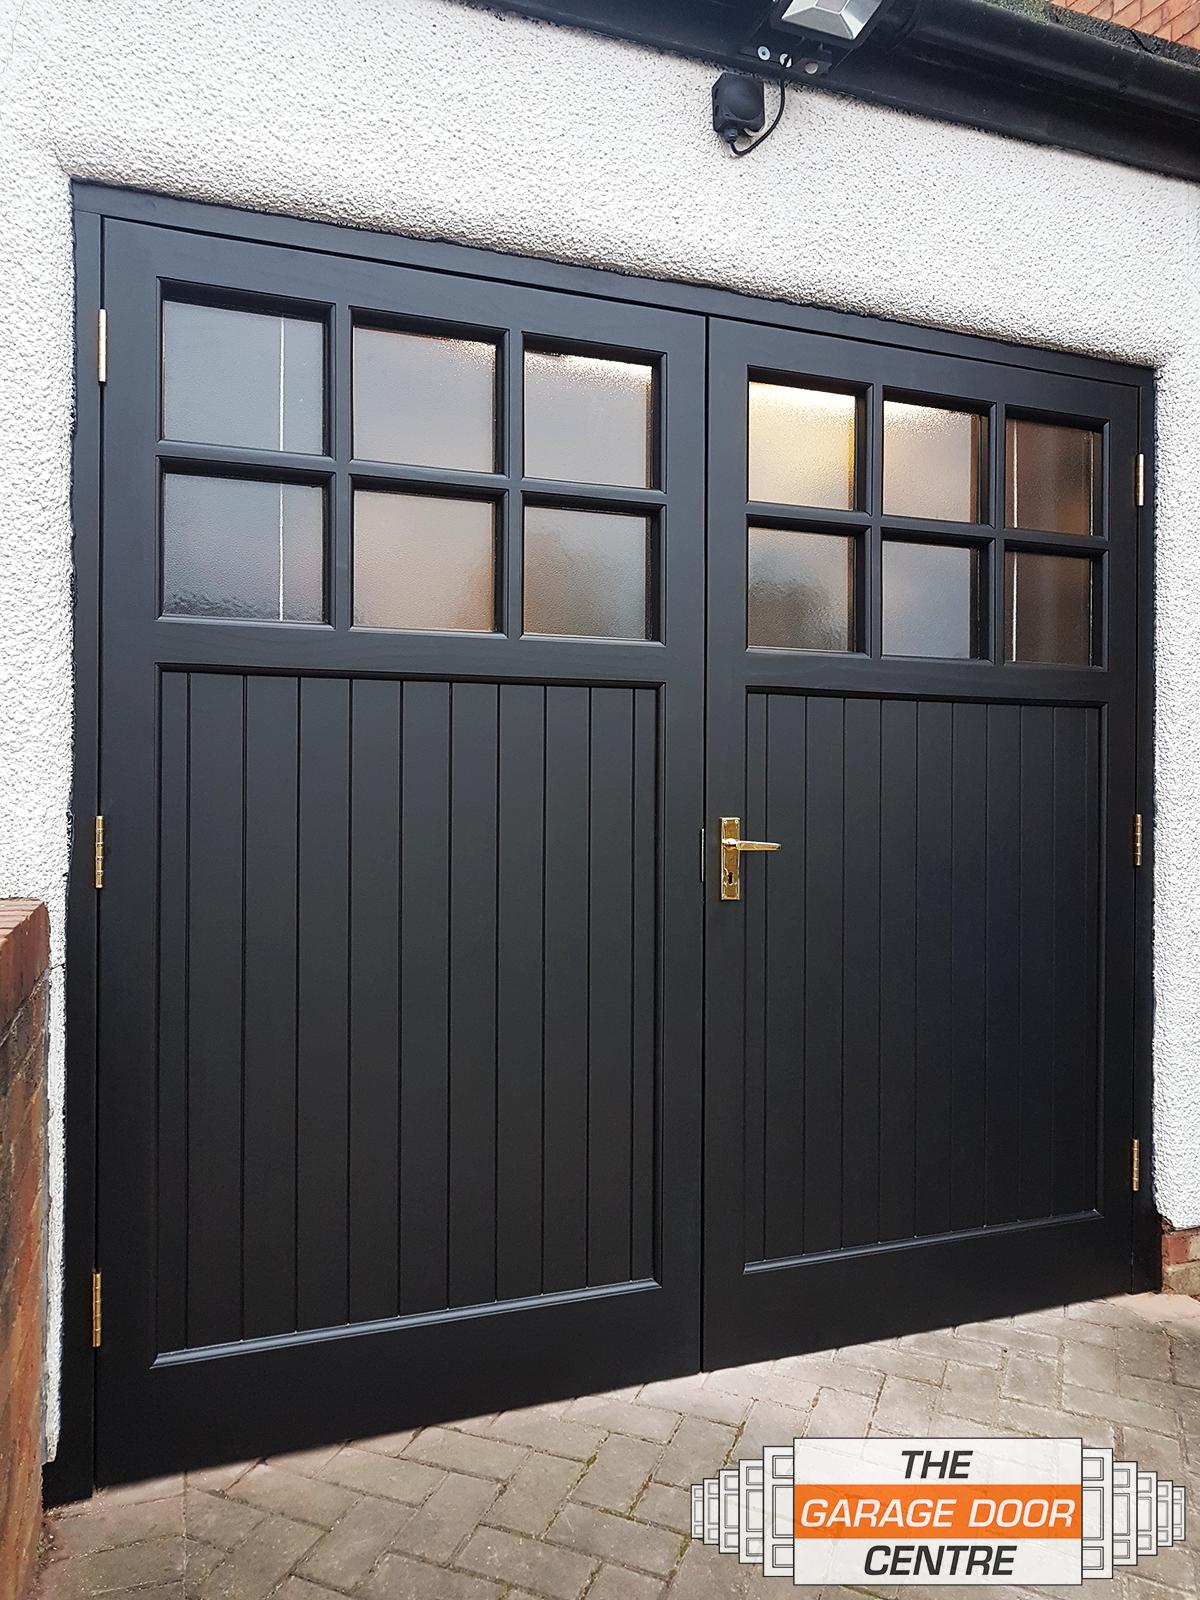 Woodrite Side Hinged Garage Door In 2020 Side Hinged Garage Doors Garage Doors Wooden Garage Doors